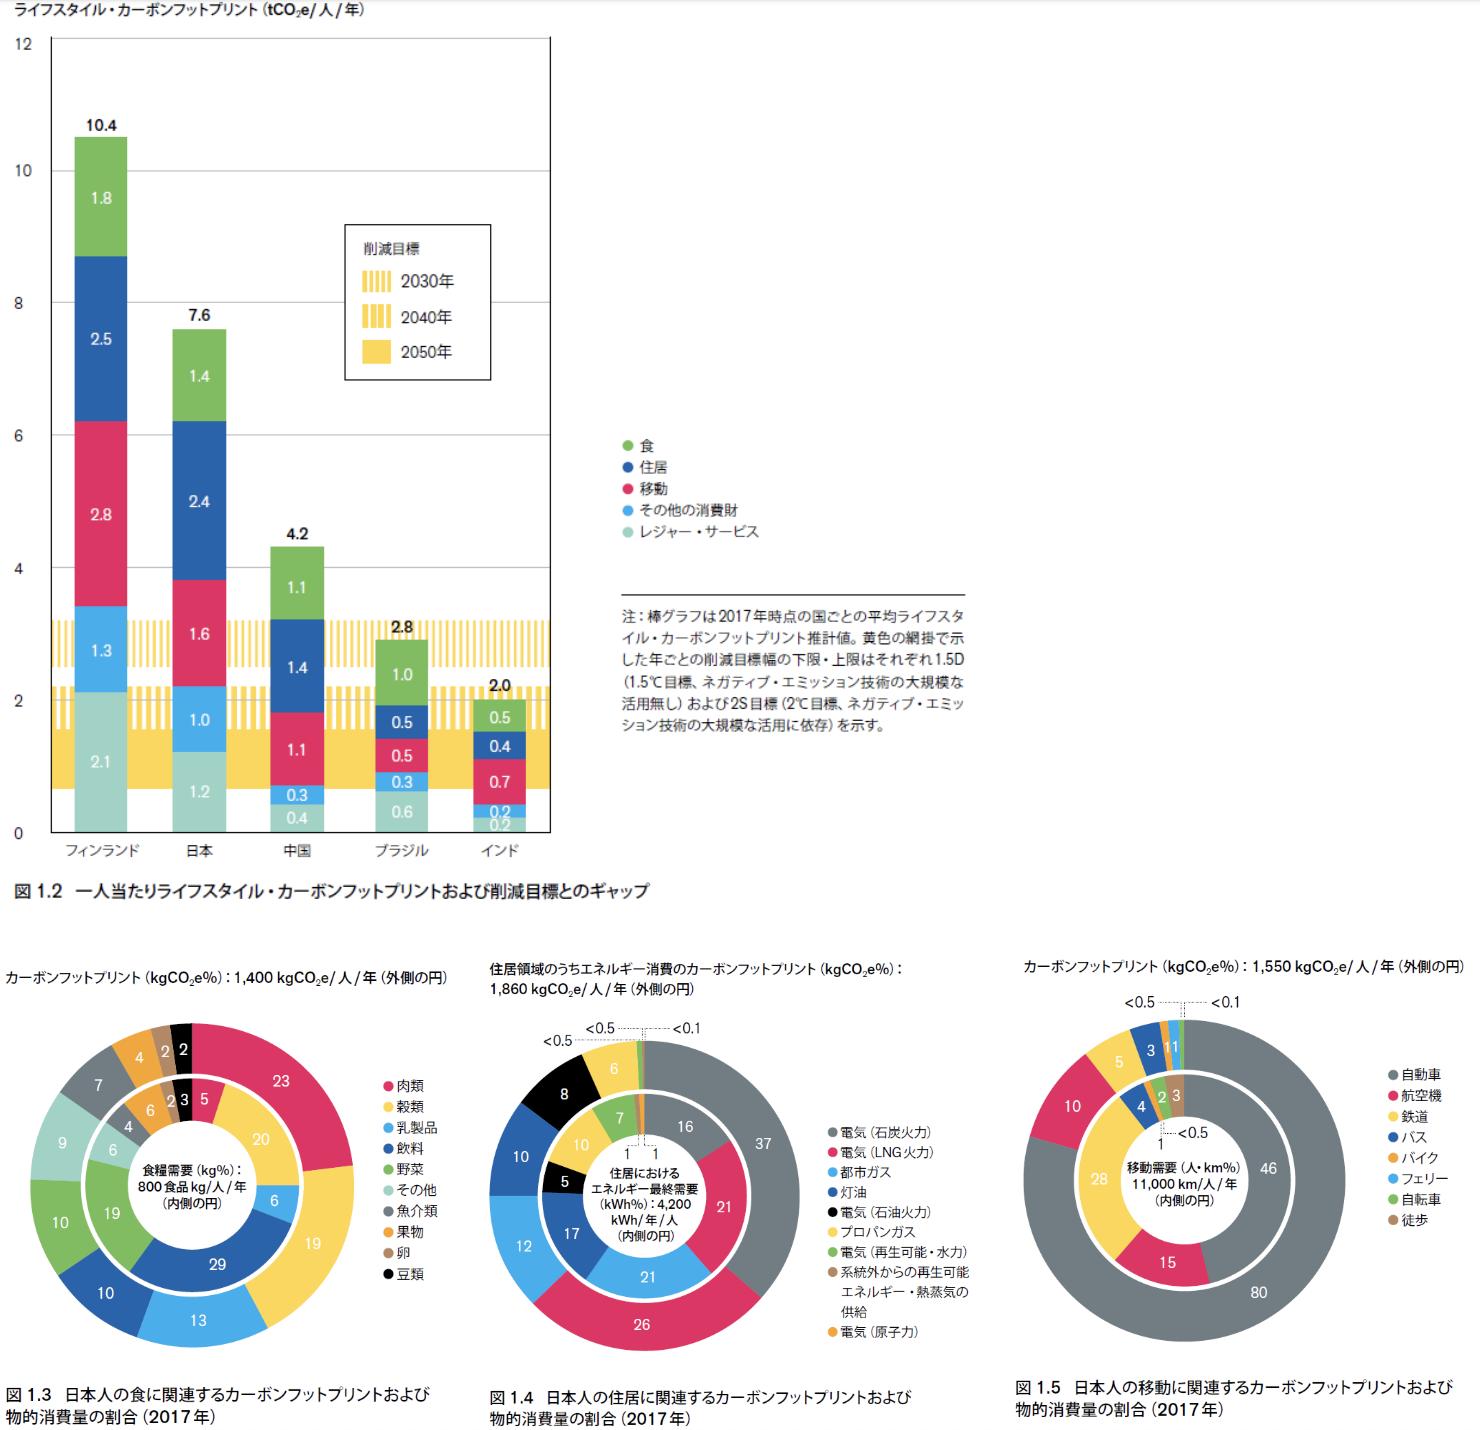 【国際】IGES、フィンランド・日本等5ヵ国の生活からのCO2排出量算出。日本語要約版発表 2